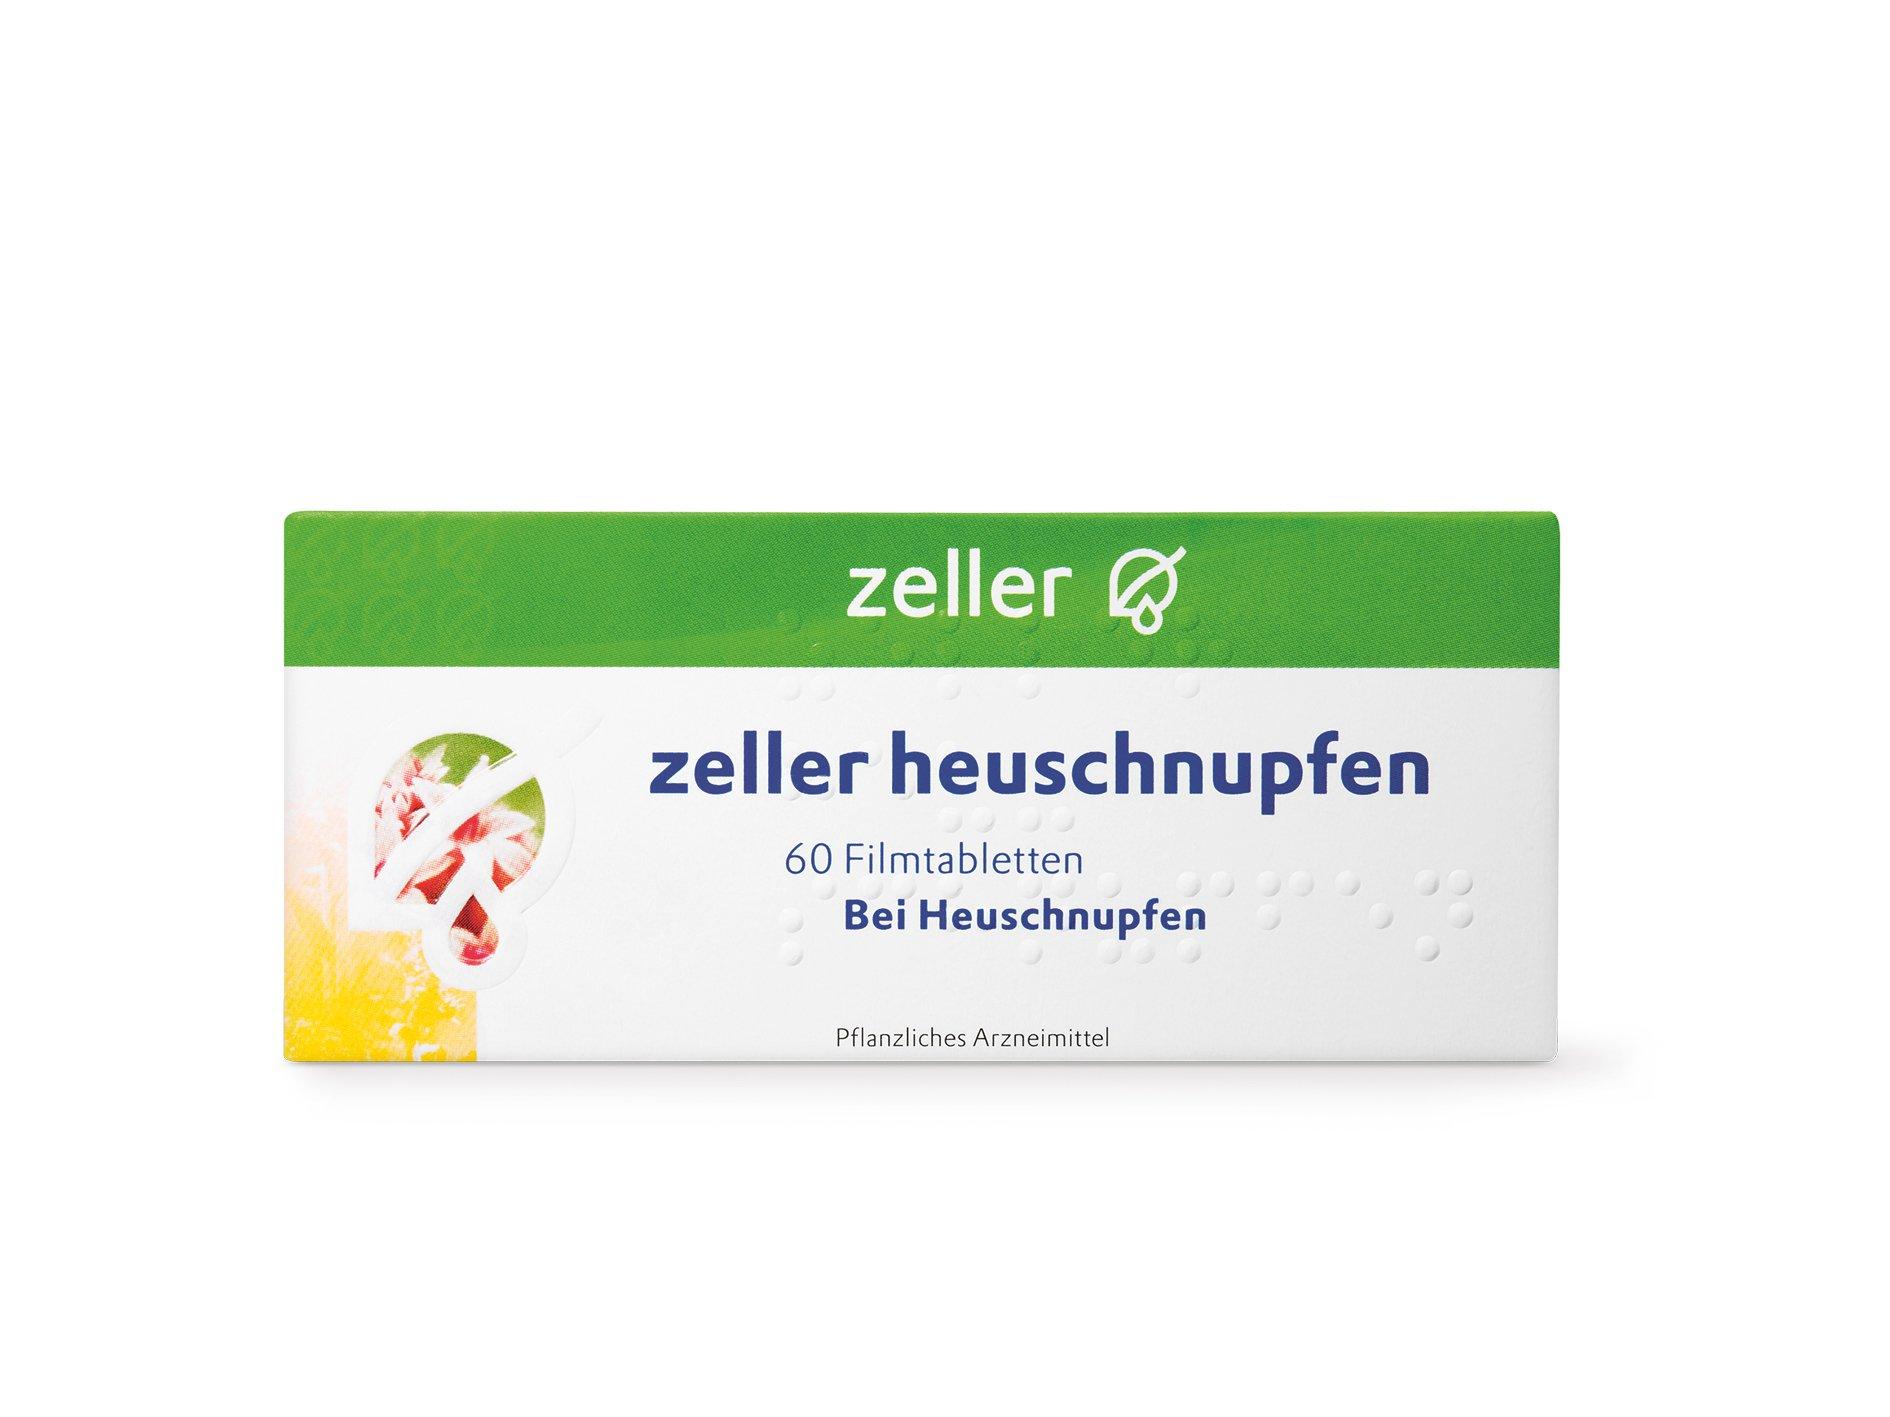 Zeller_Aktion